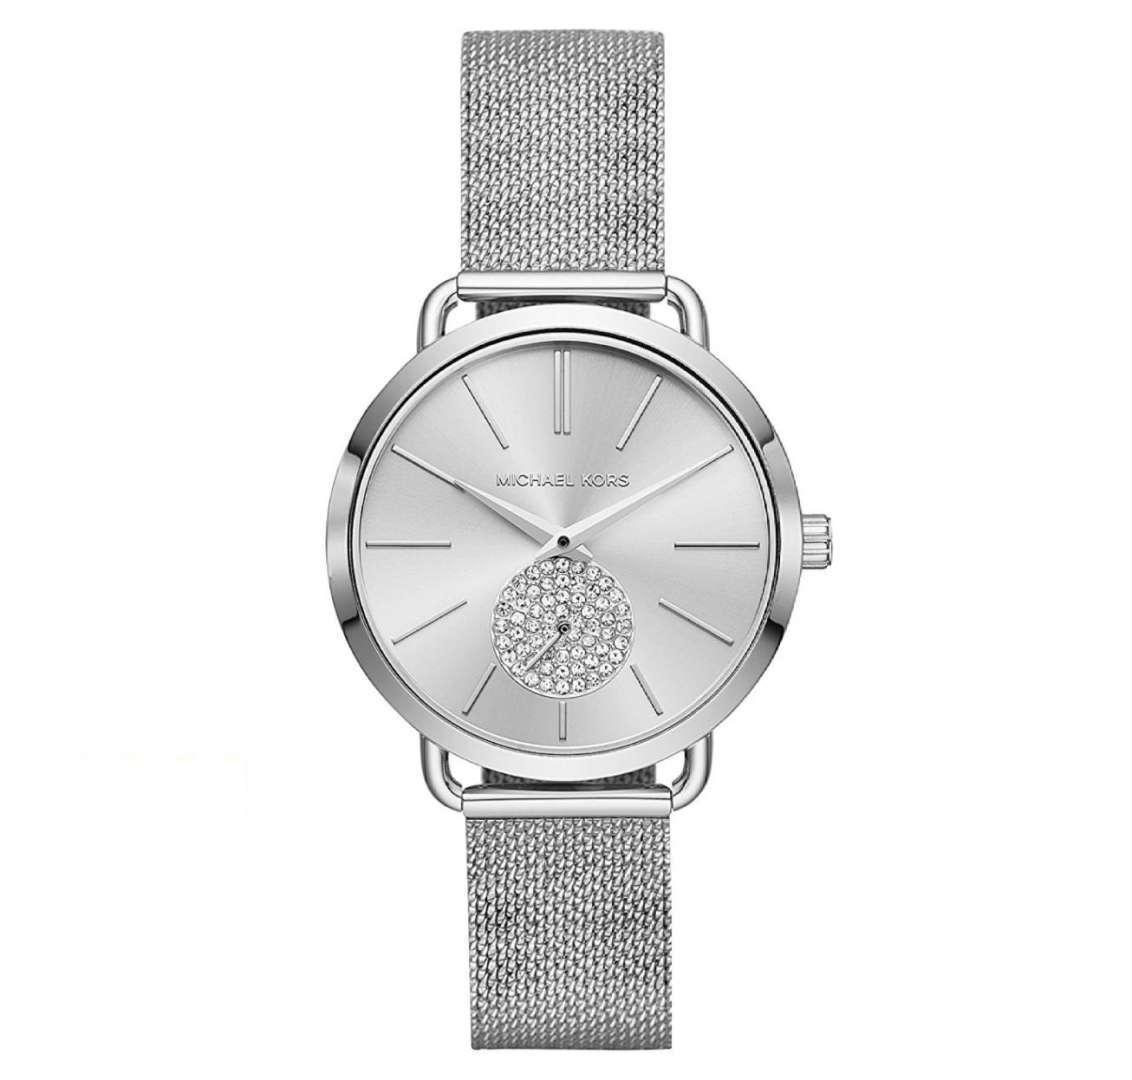 שעון יד אנלוגי לאישה michael kors mk3843 מייקל קורס